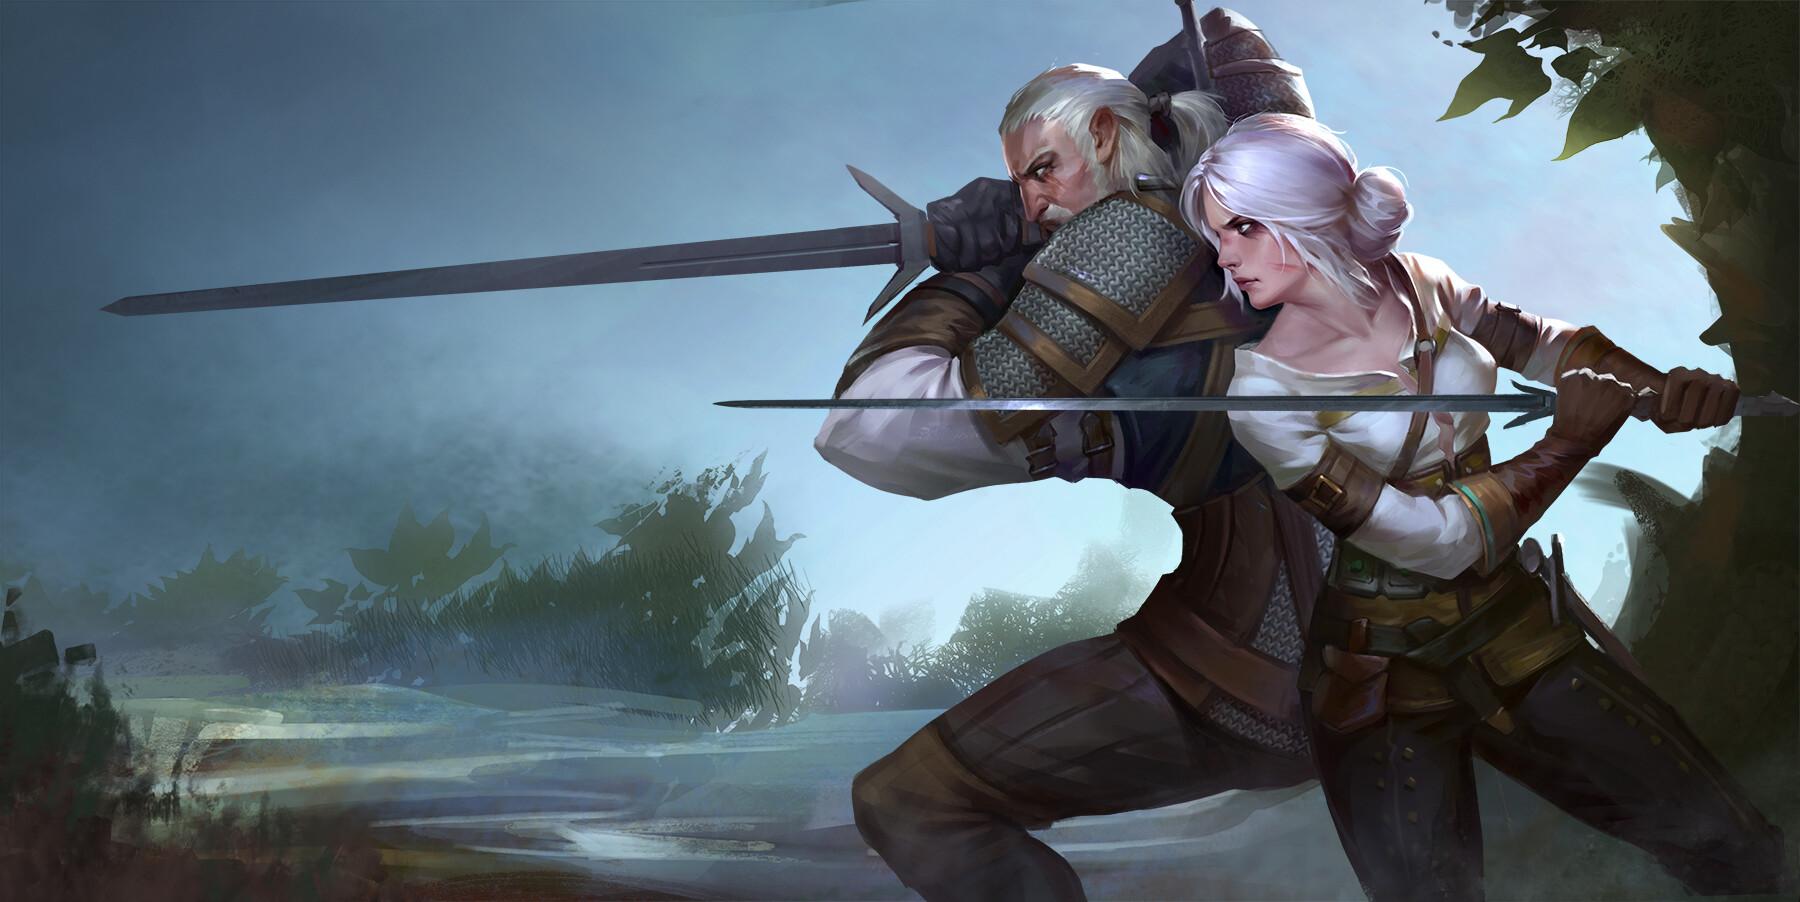 NEZ7iyKw6ug.jpg - Witcher 3: Wild Hunt, the